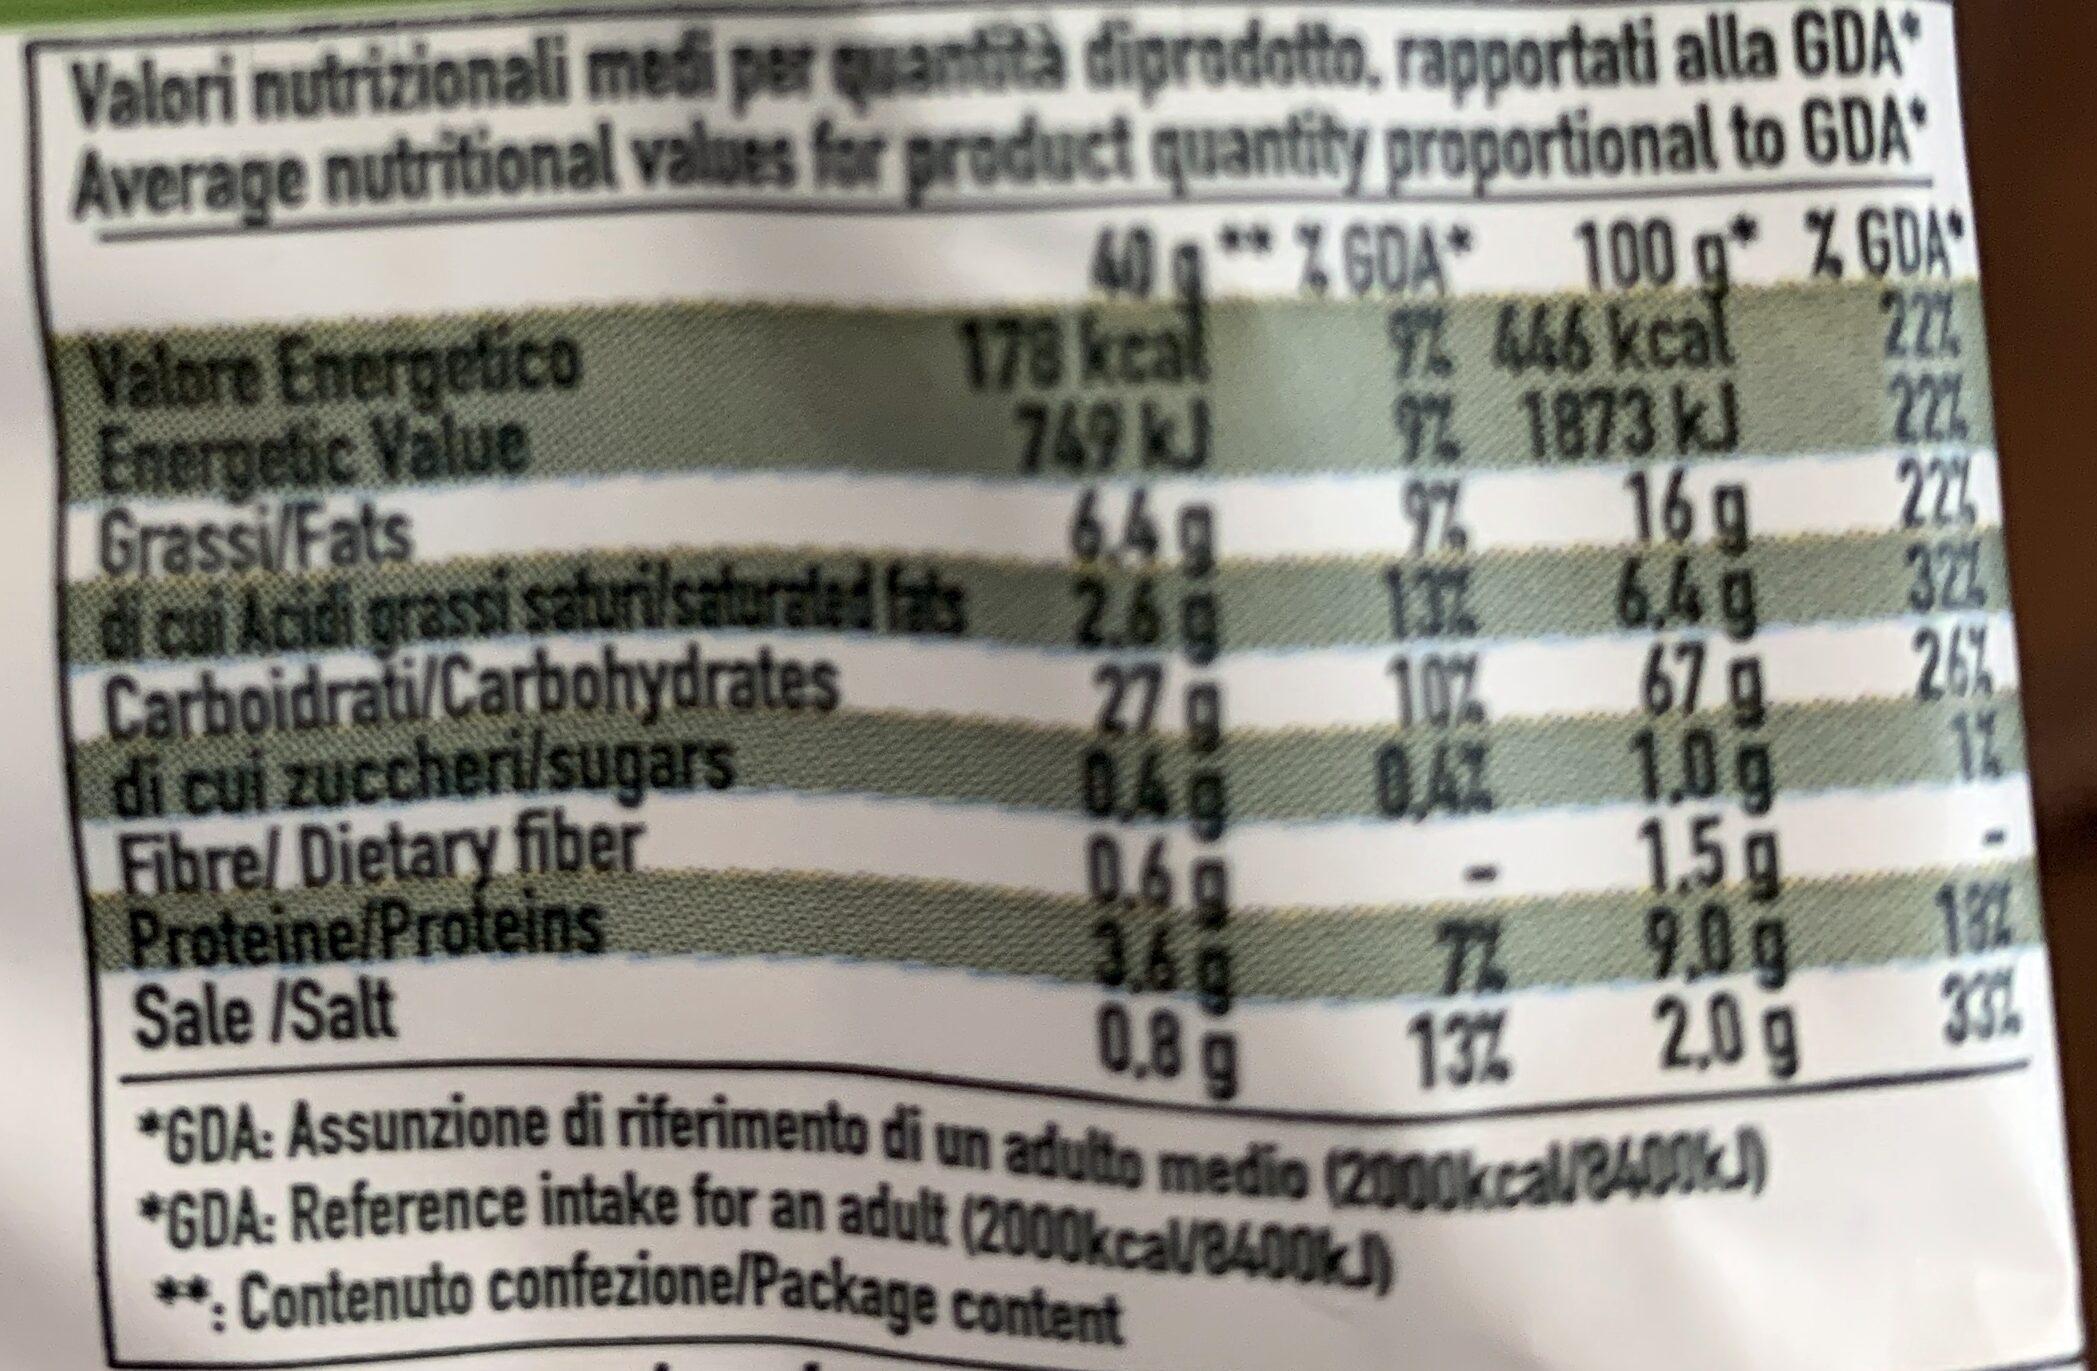 Tarallini gusto classico - Nutrition facts